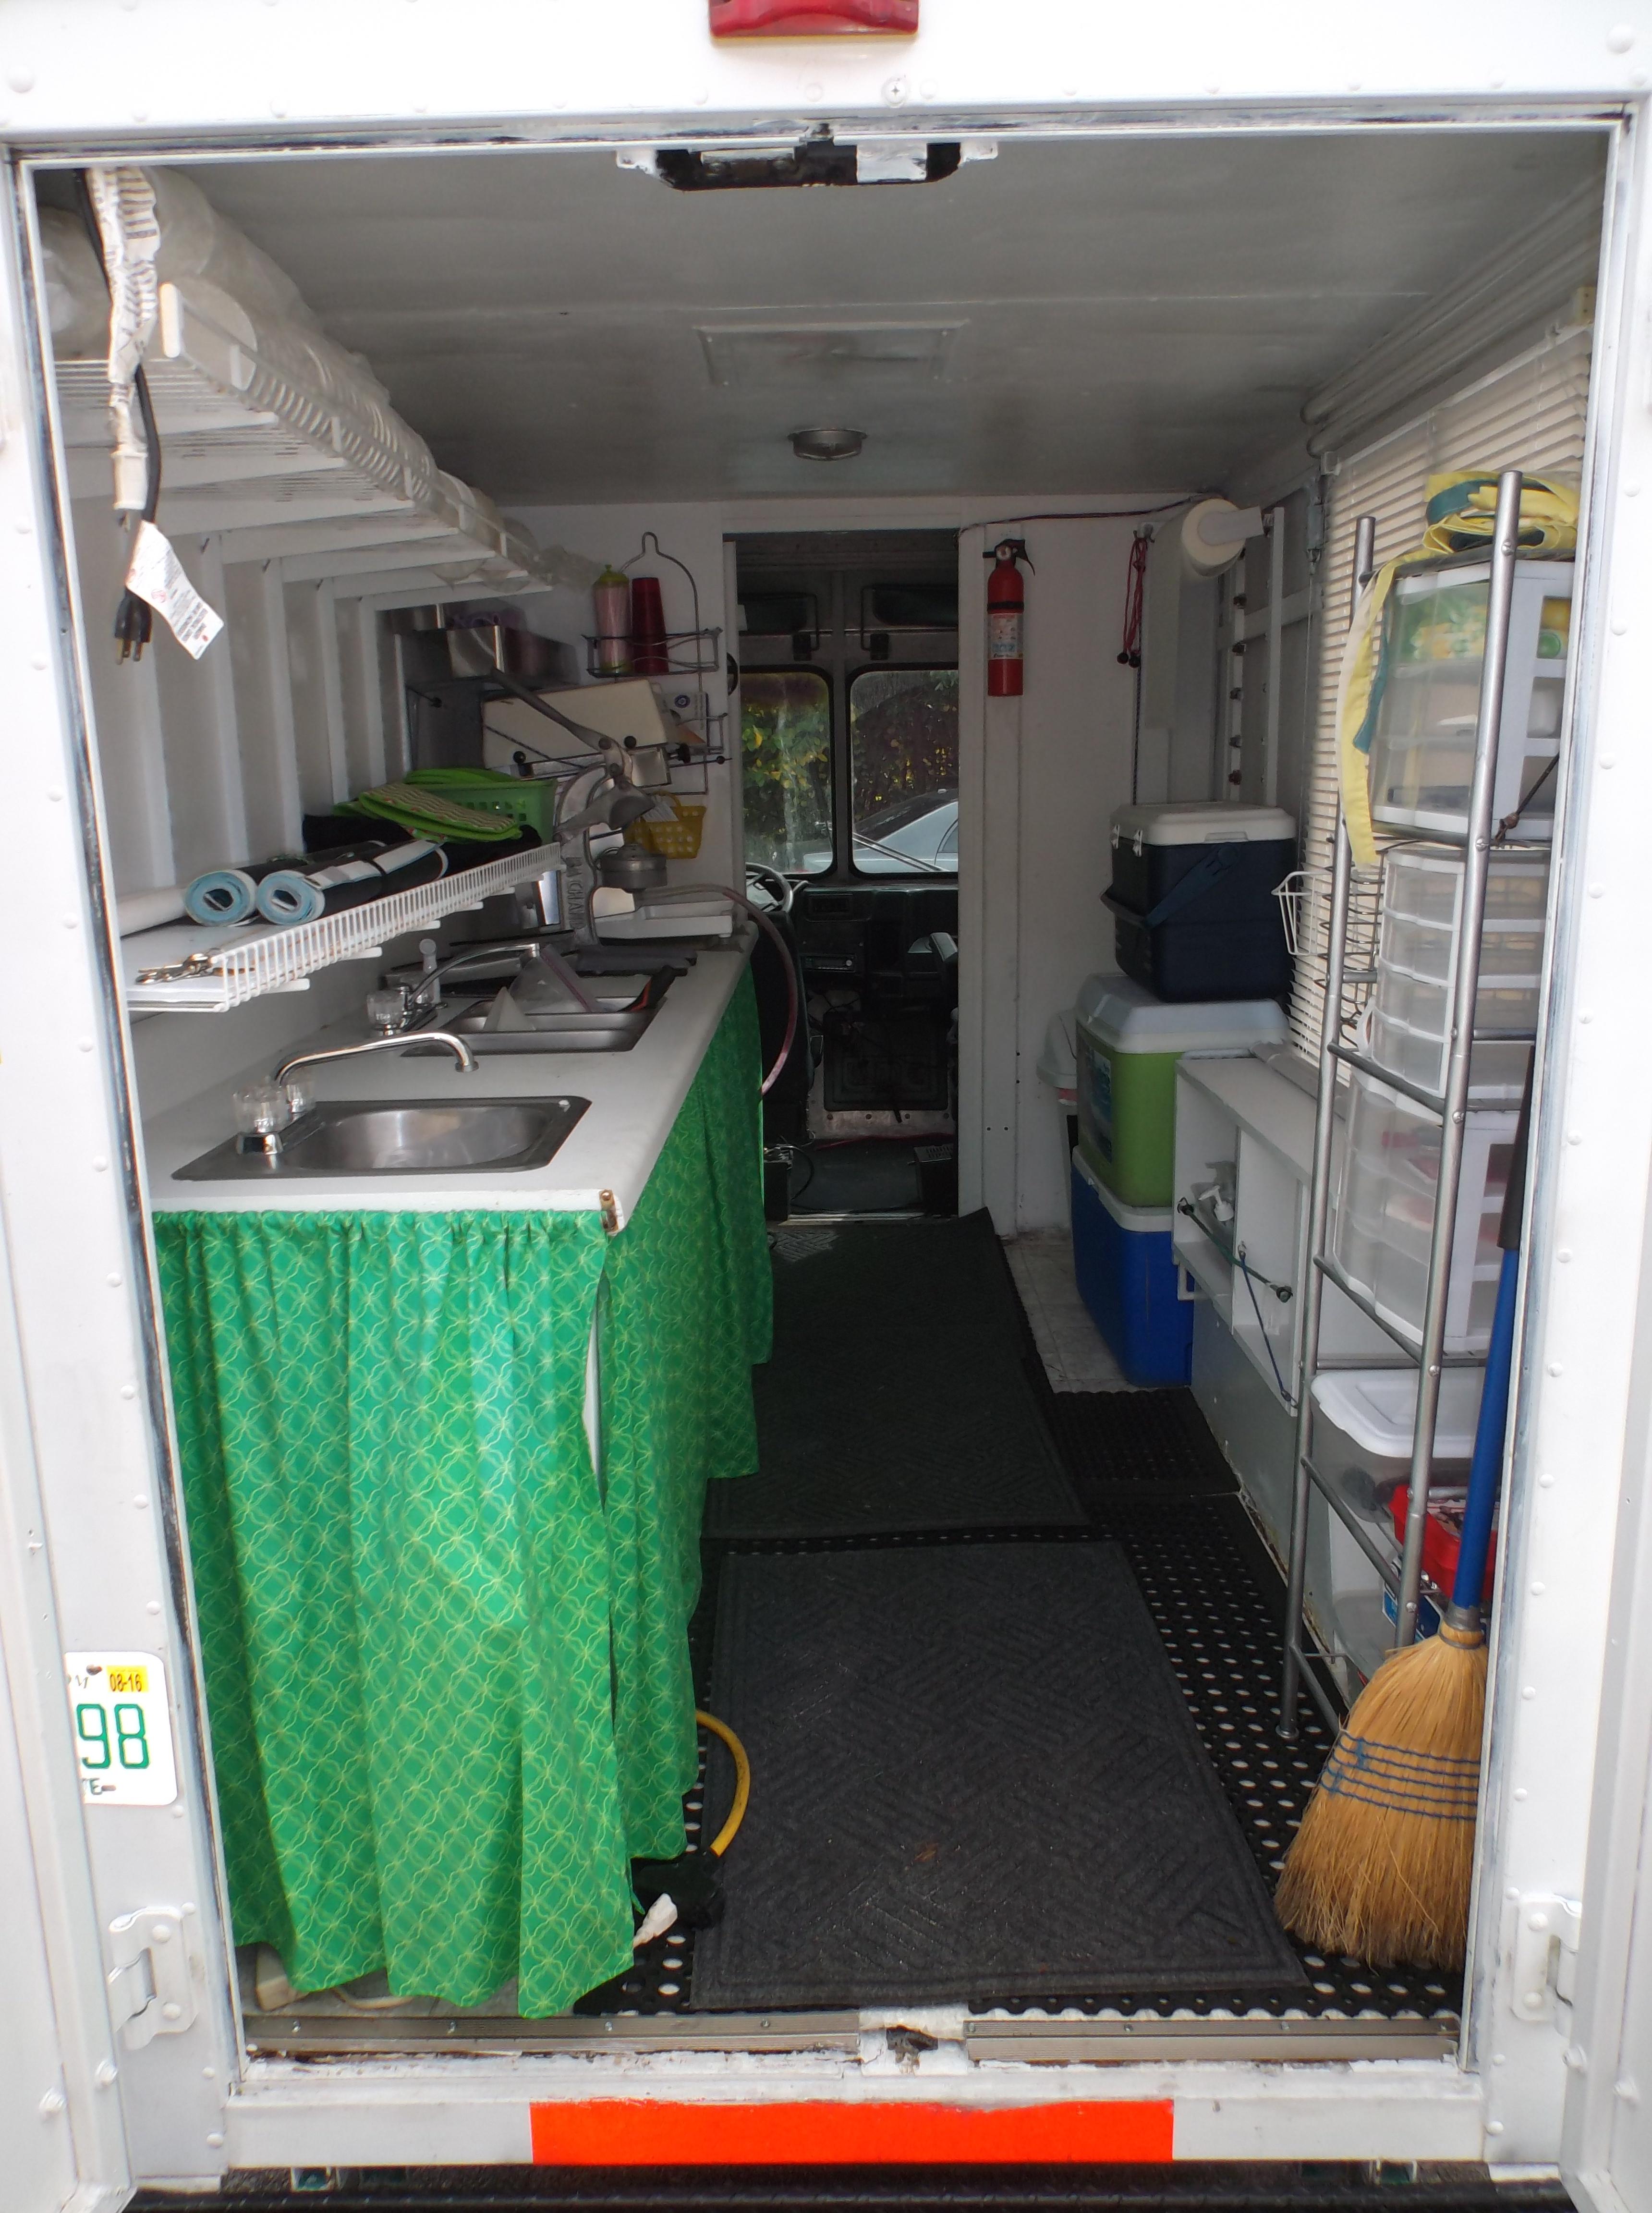 truckpreparea food trucks for sale used food trucks. Black Bedroom Furniture Sets. Home Design Ideas